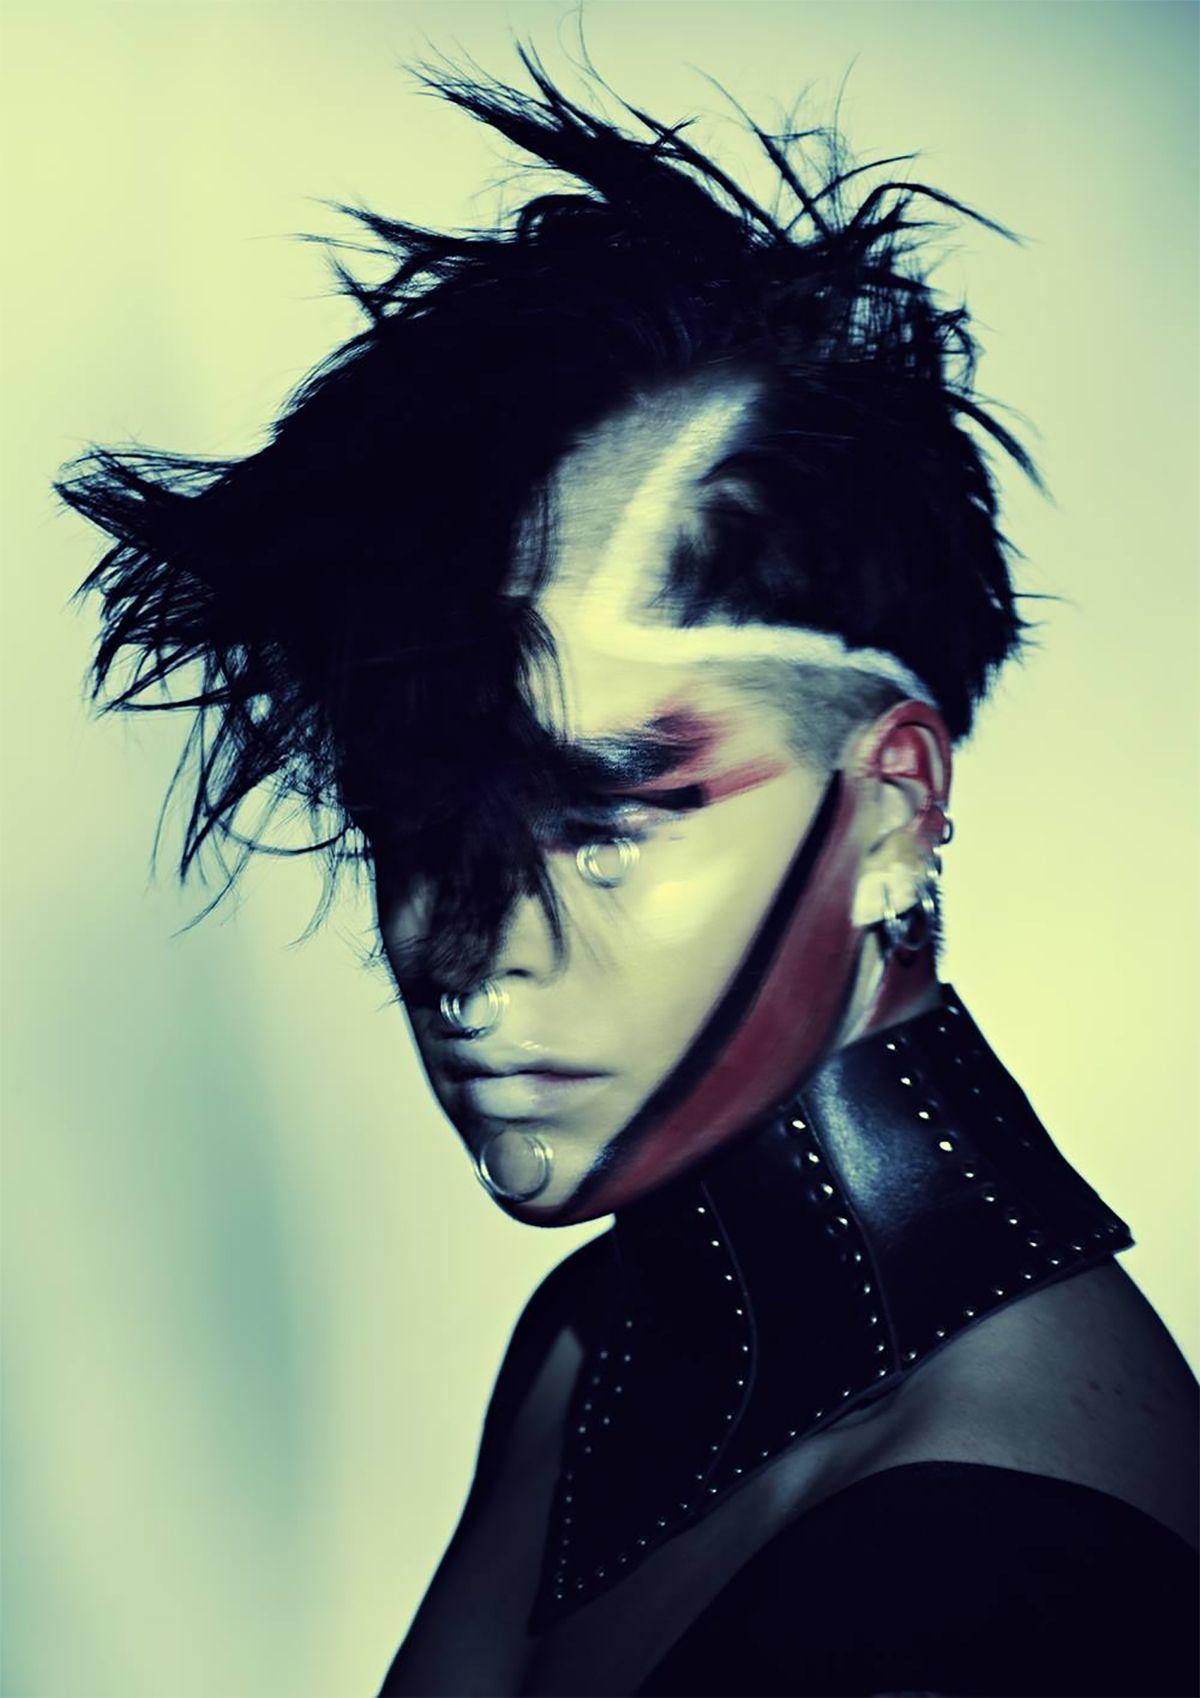 Warrior DK Frisører, Piercing, Makeup